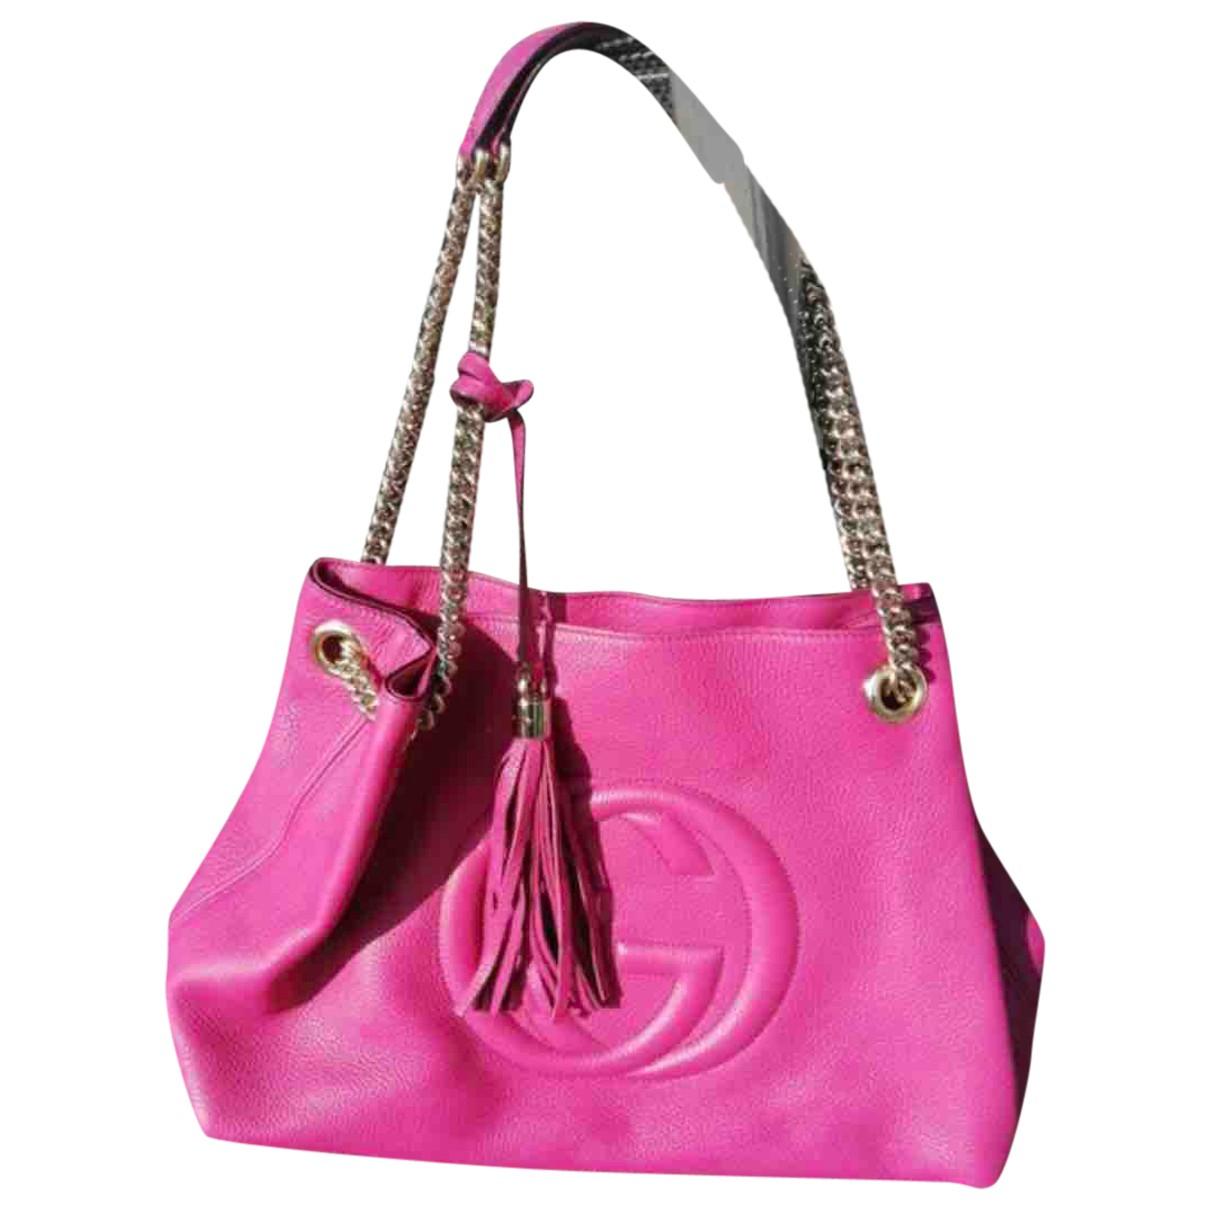 Gucci Soho Handtasche in  Rosa Leder